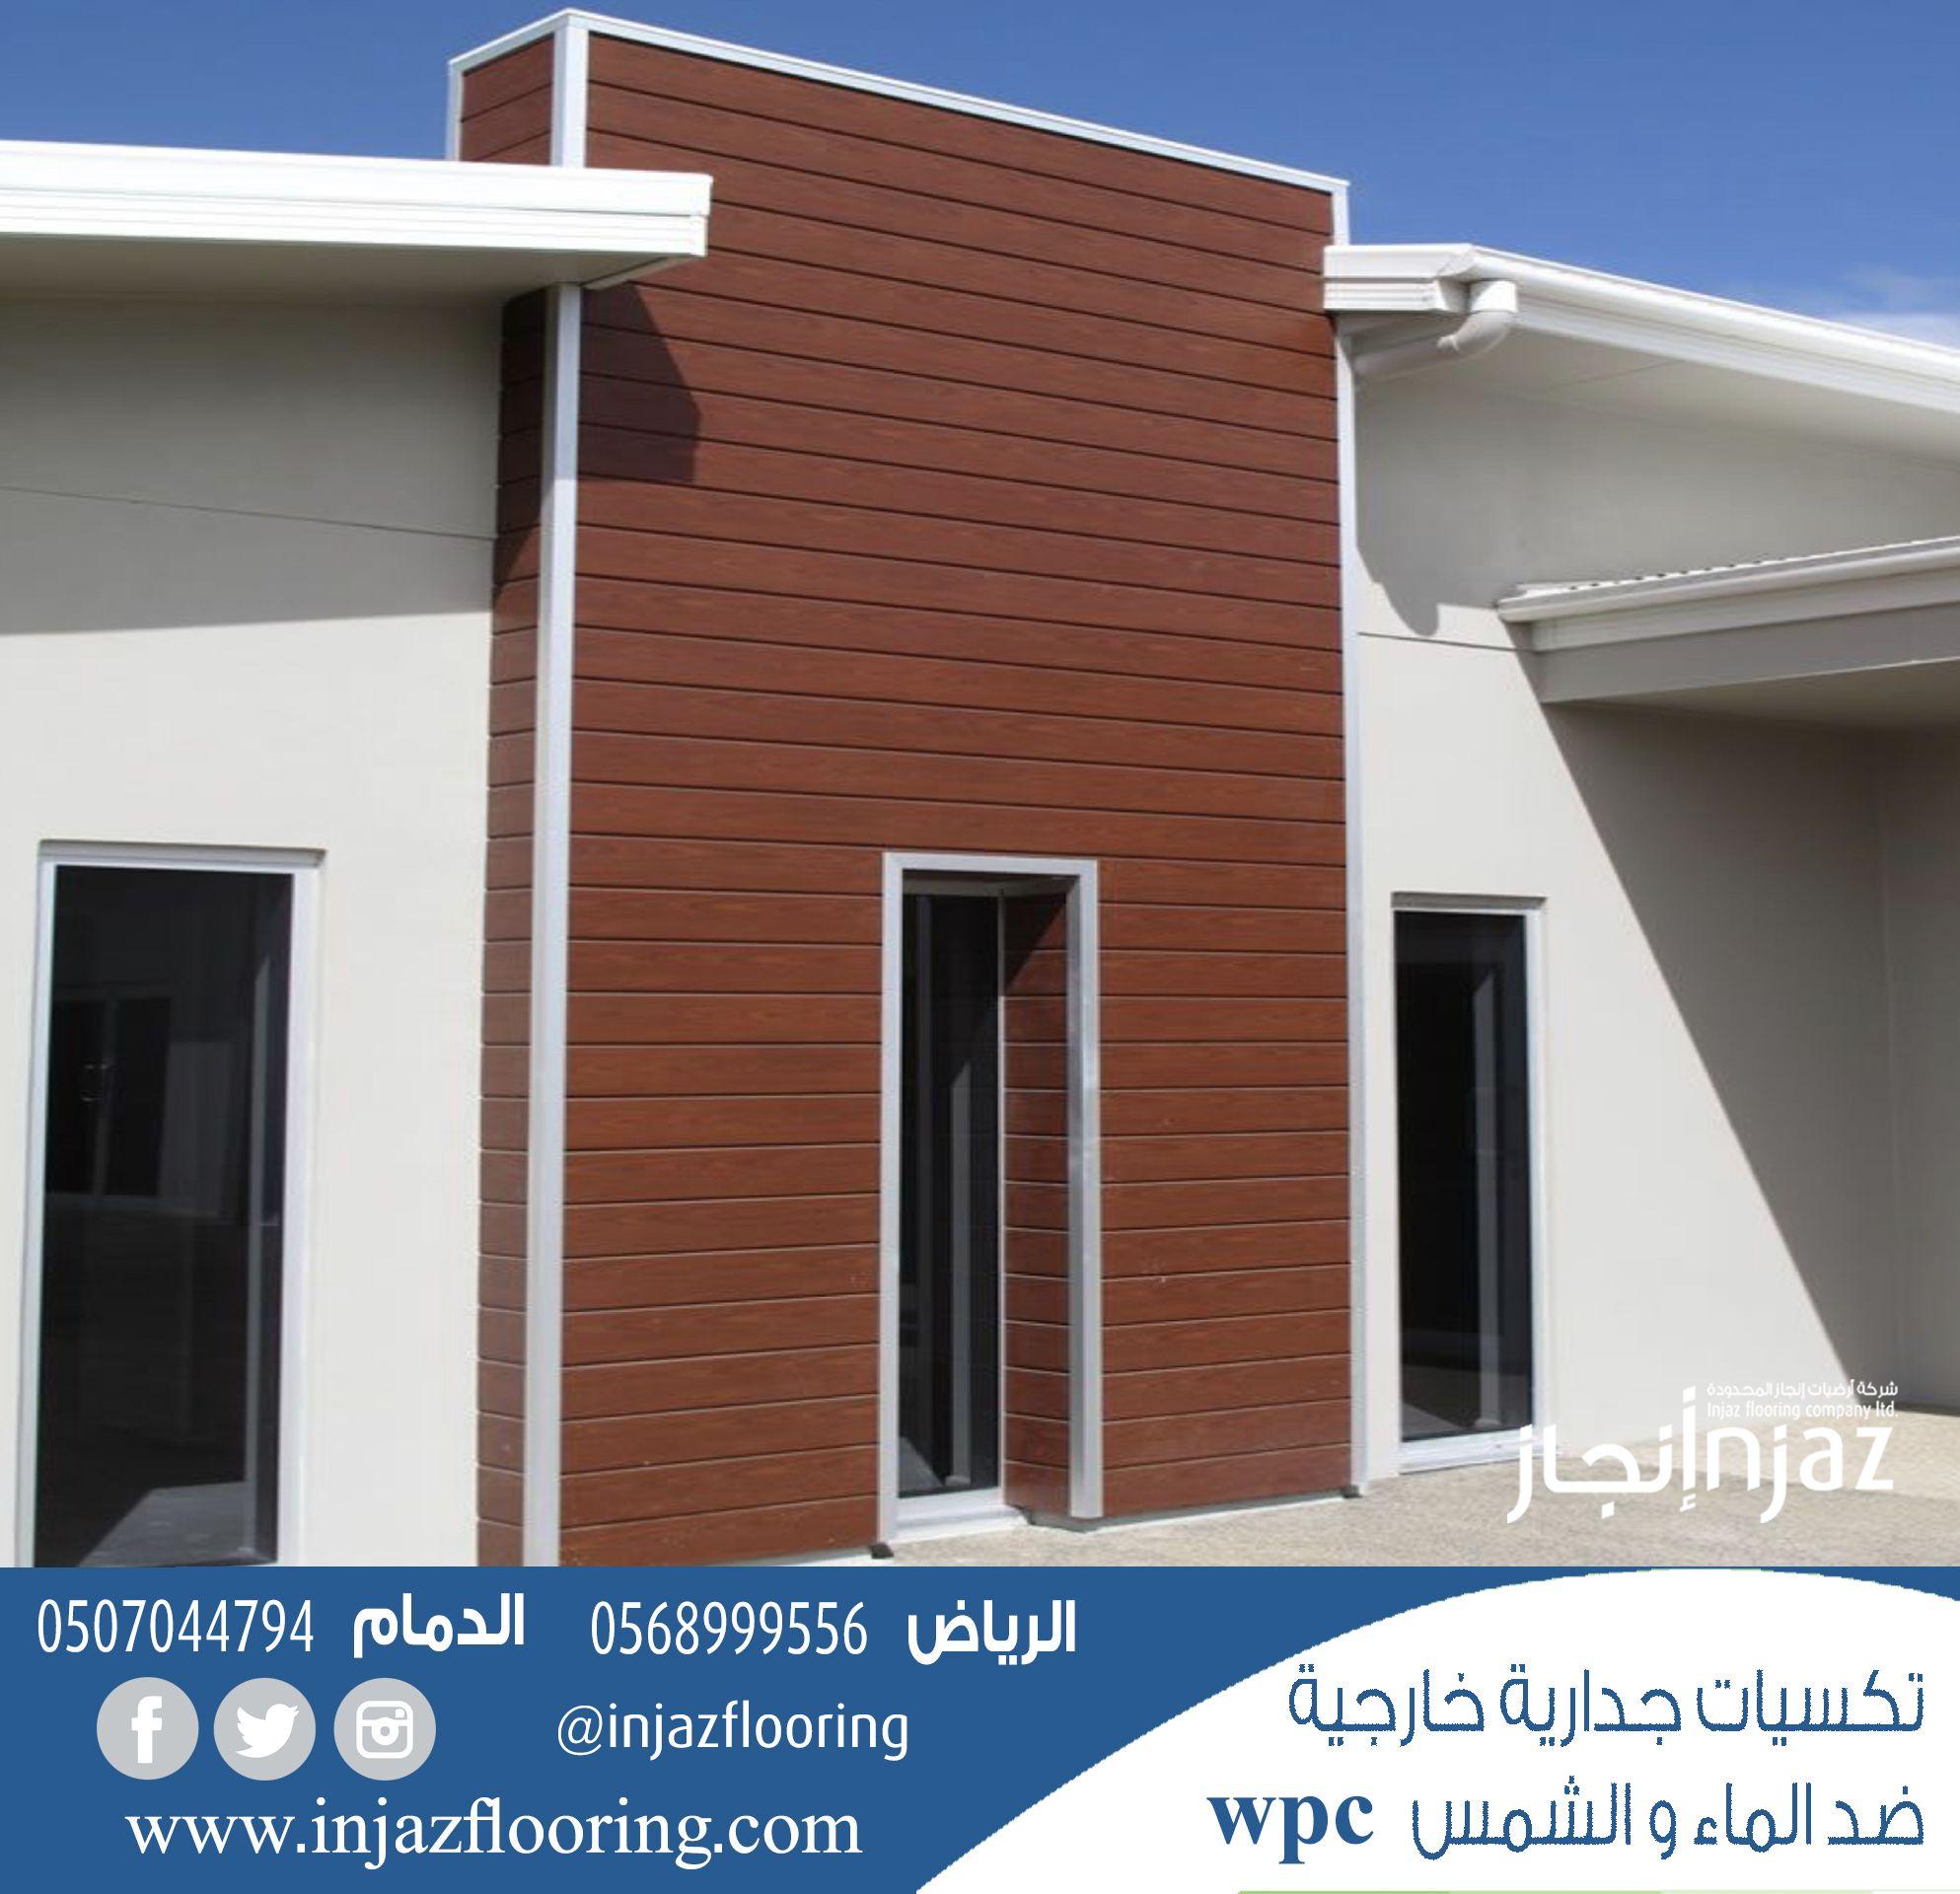 تكسيات جدارية خارجية Wpc Cladding Outdoor Decor Home Decor Decor